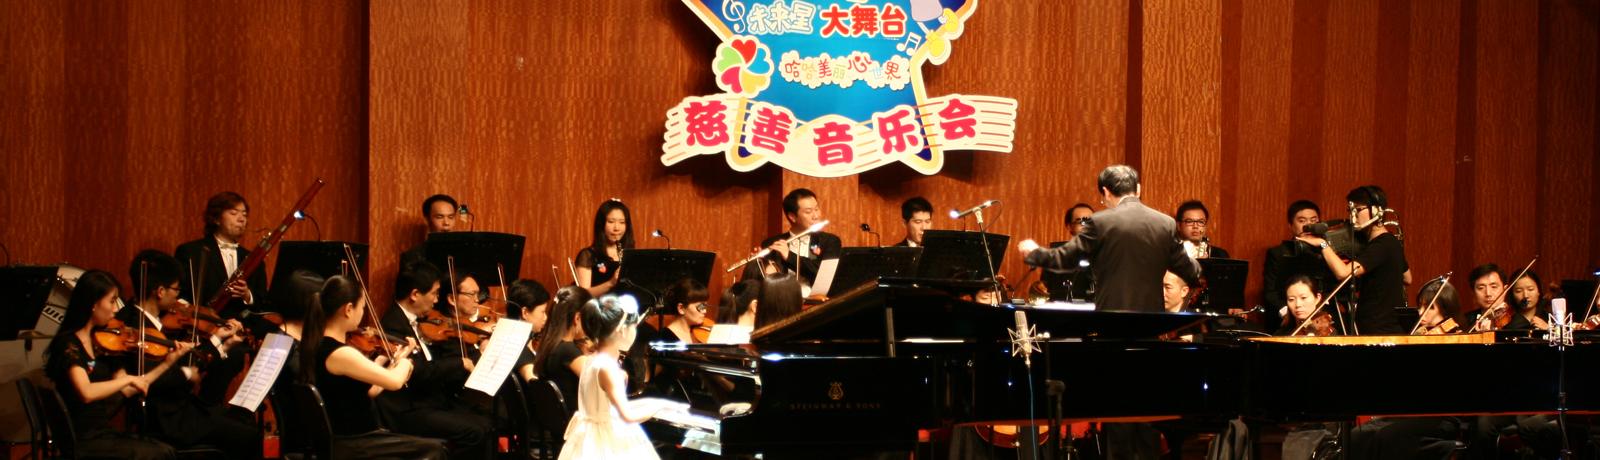 慈善音乐会